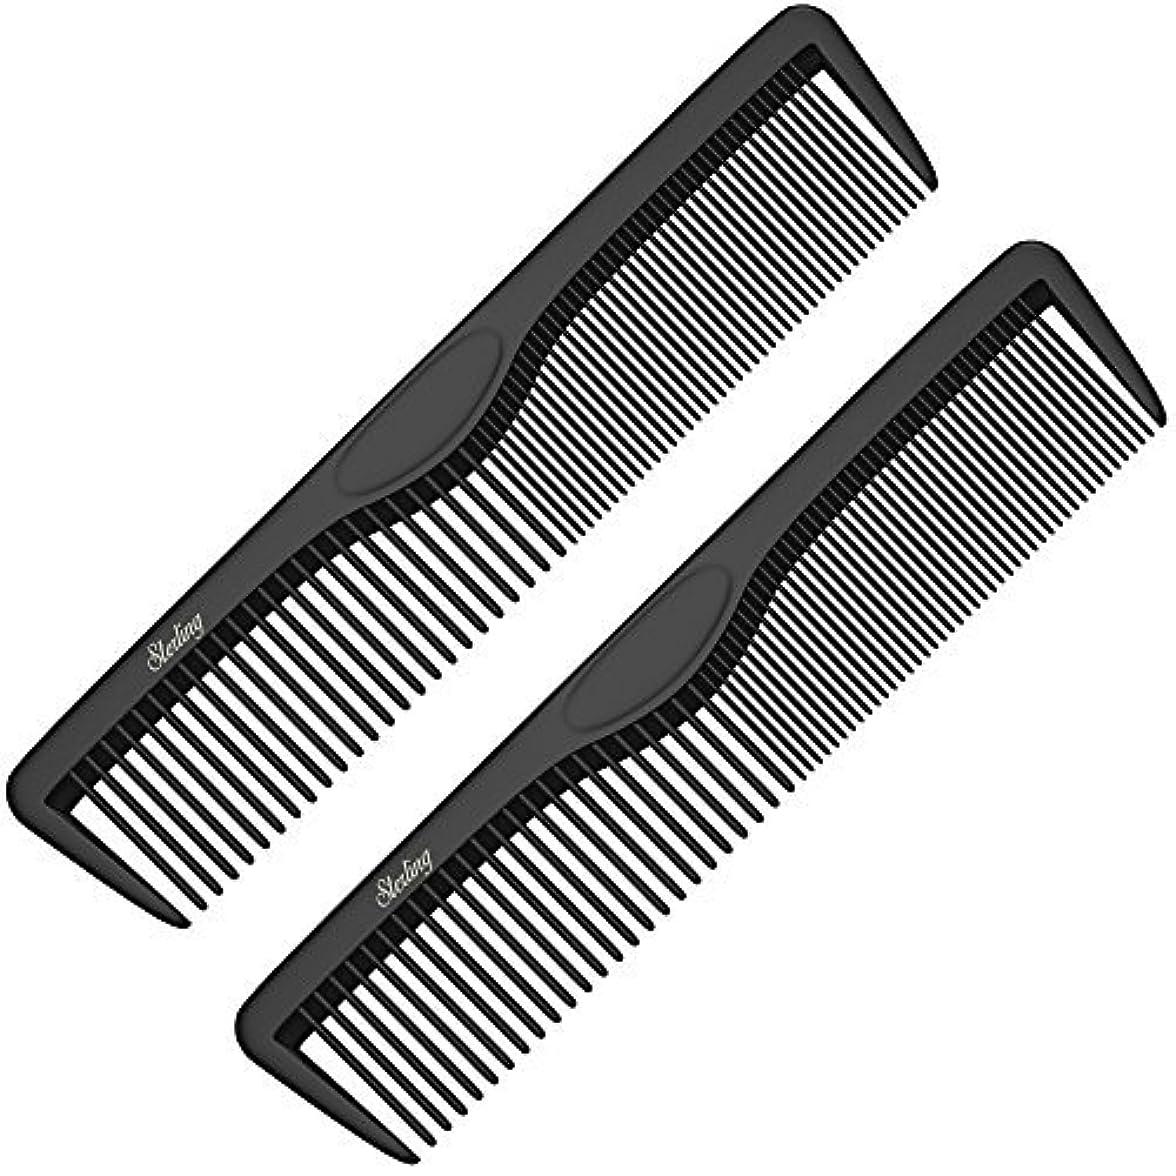 ラテンカメラ背の高いPocket Combs | 2 Pack | Professional 5 Inch Black Carbon Fiber Hair Comb | Fine And Wide Tooth Travel Comb Set | Anti Static Chemical and Heat Resistant | Mens Beard And Styling Haircomb Supplies | Ba [並行輸入品]